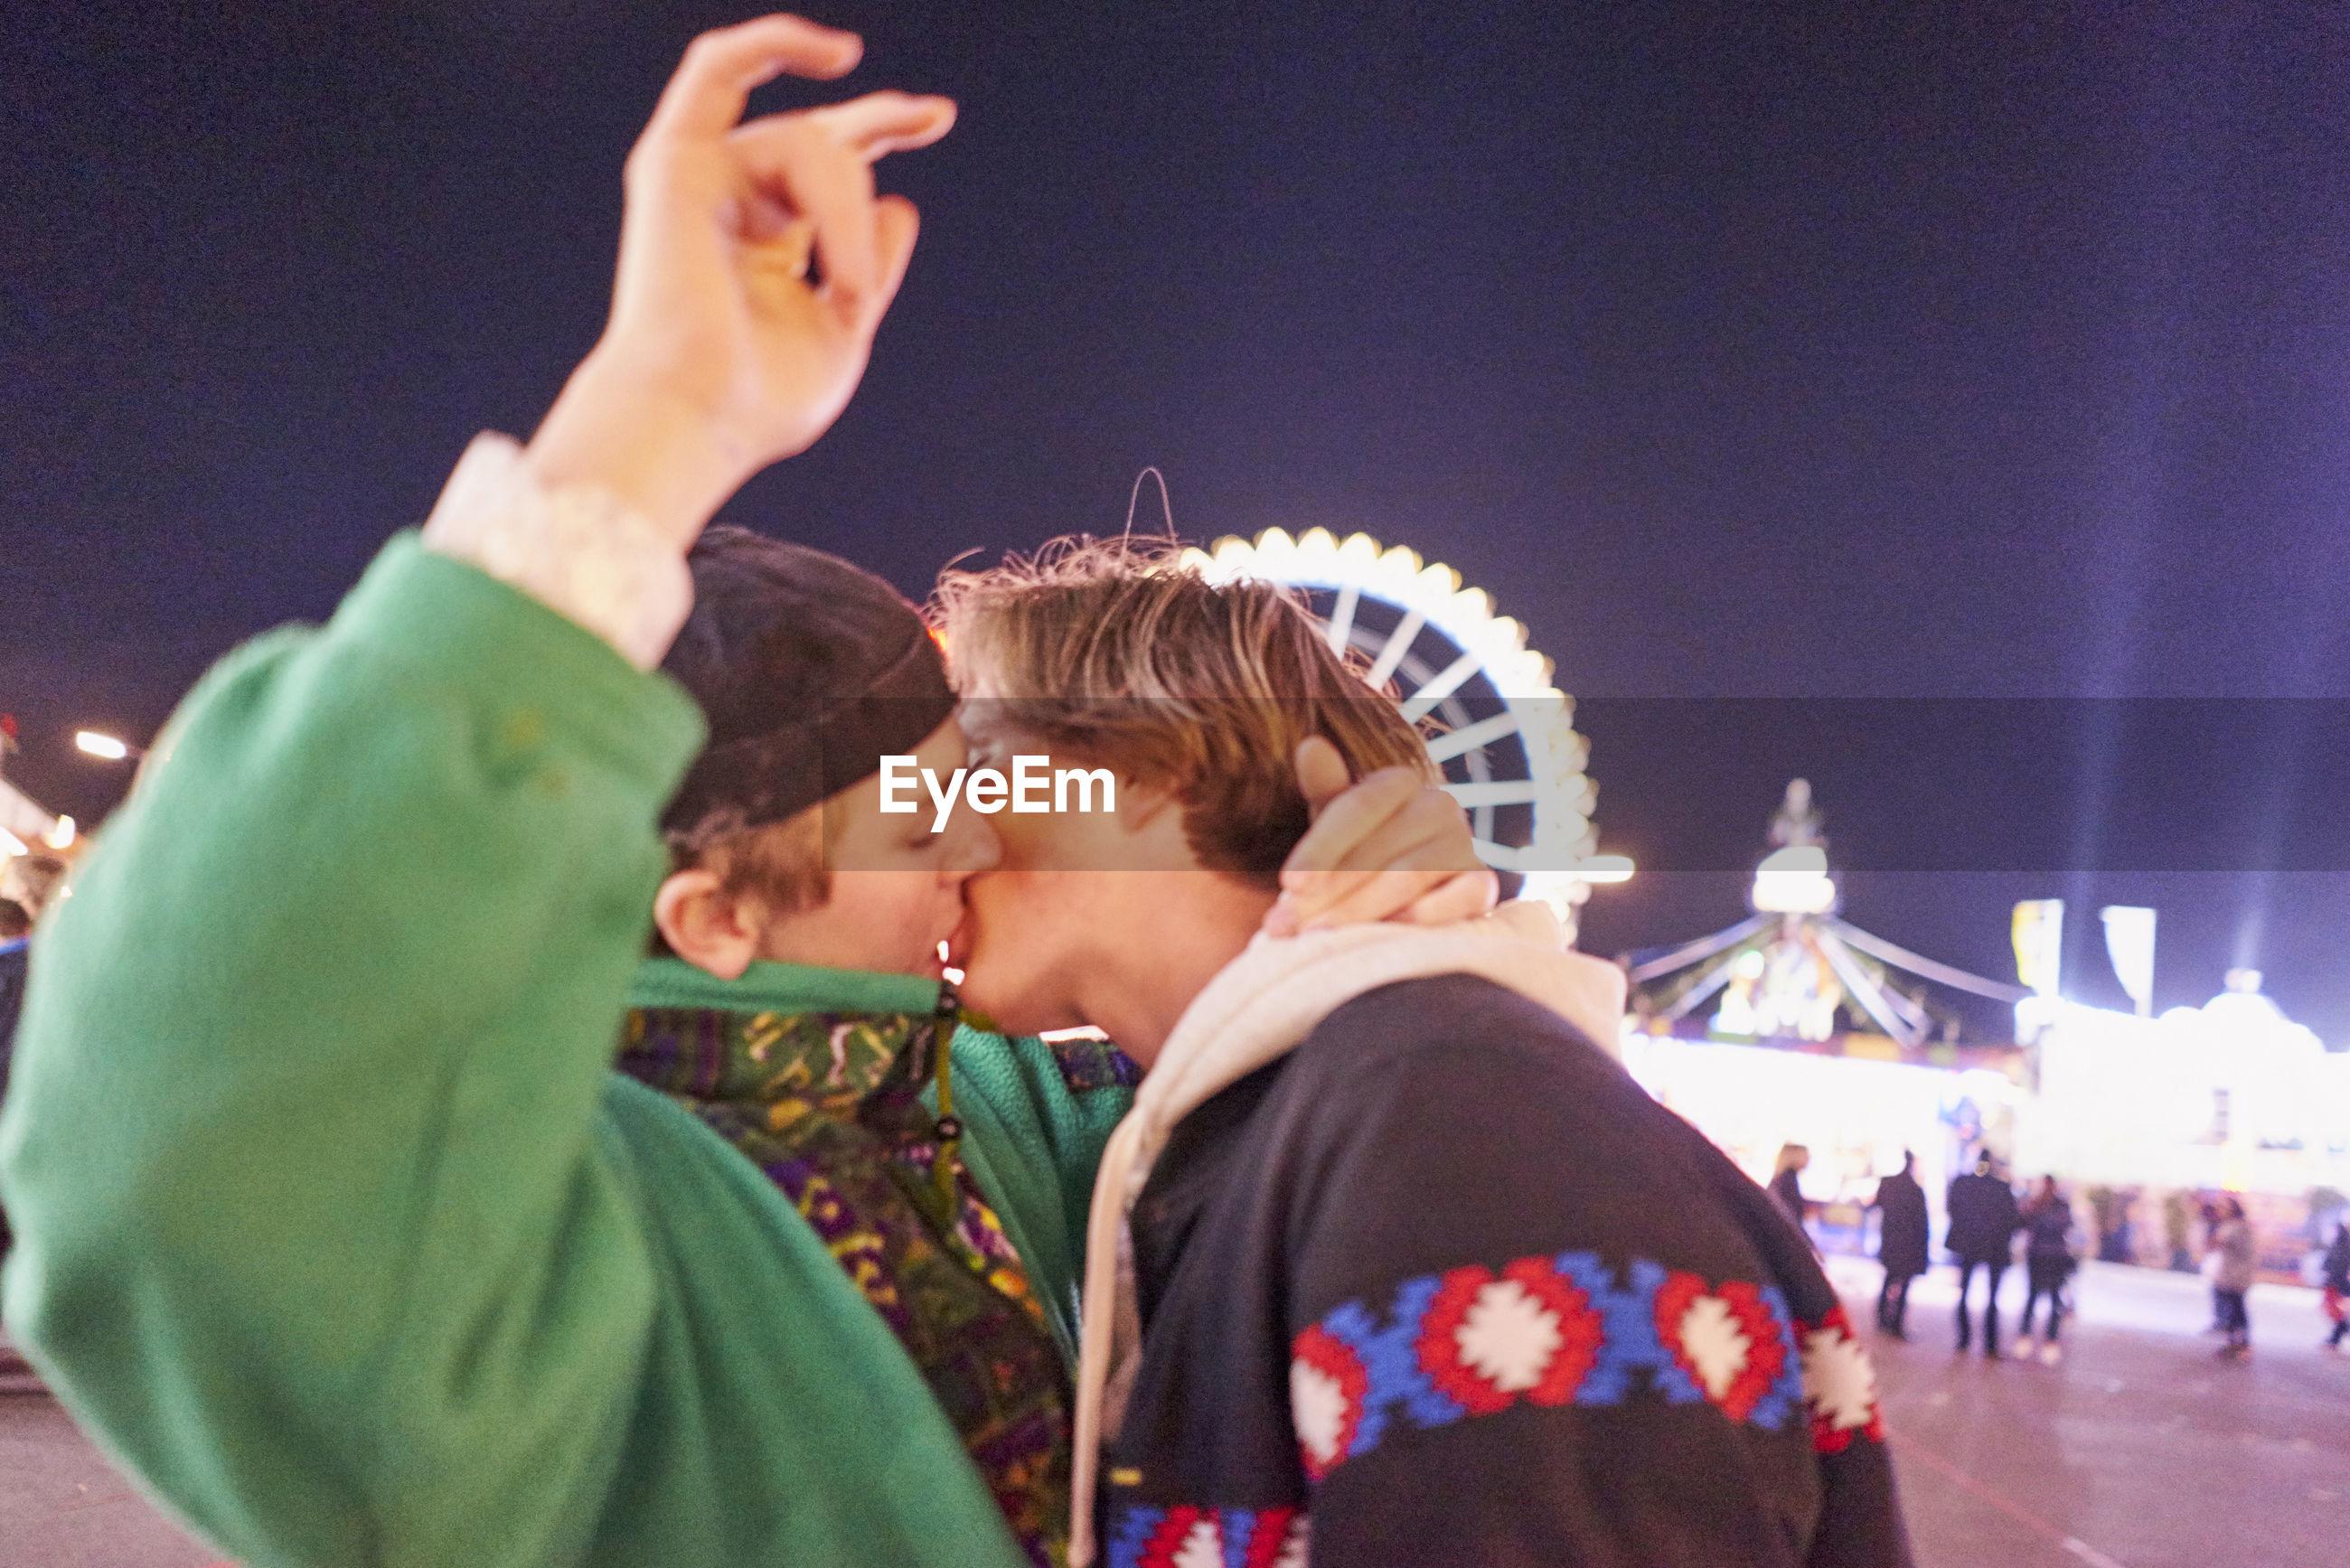 Gay men kissing at amusement park during night